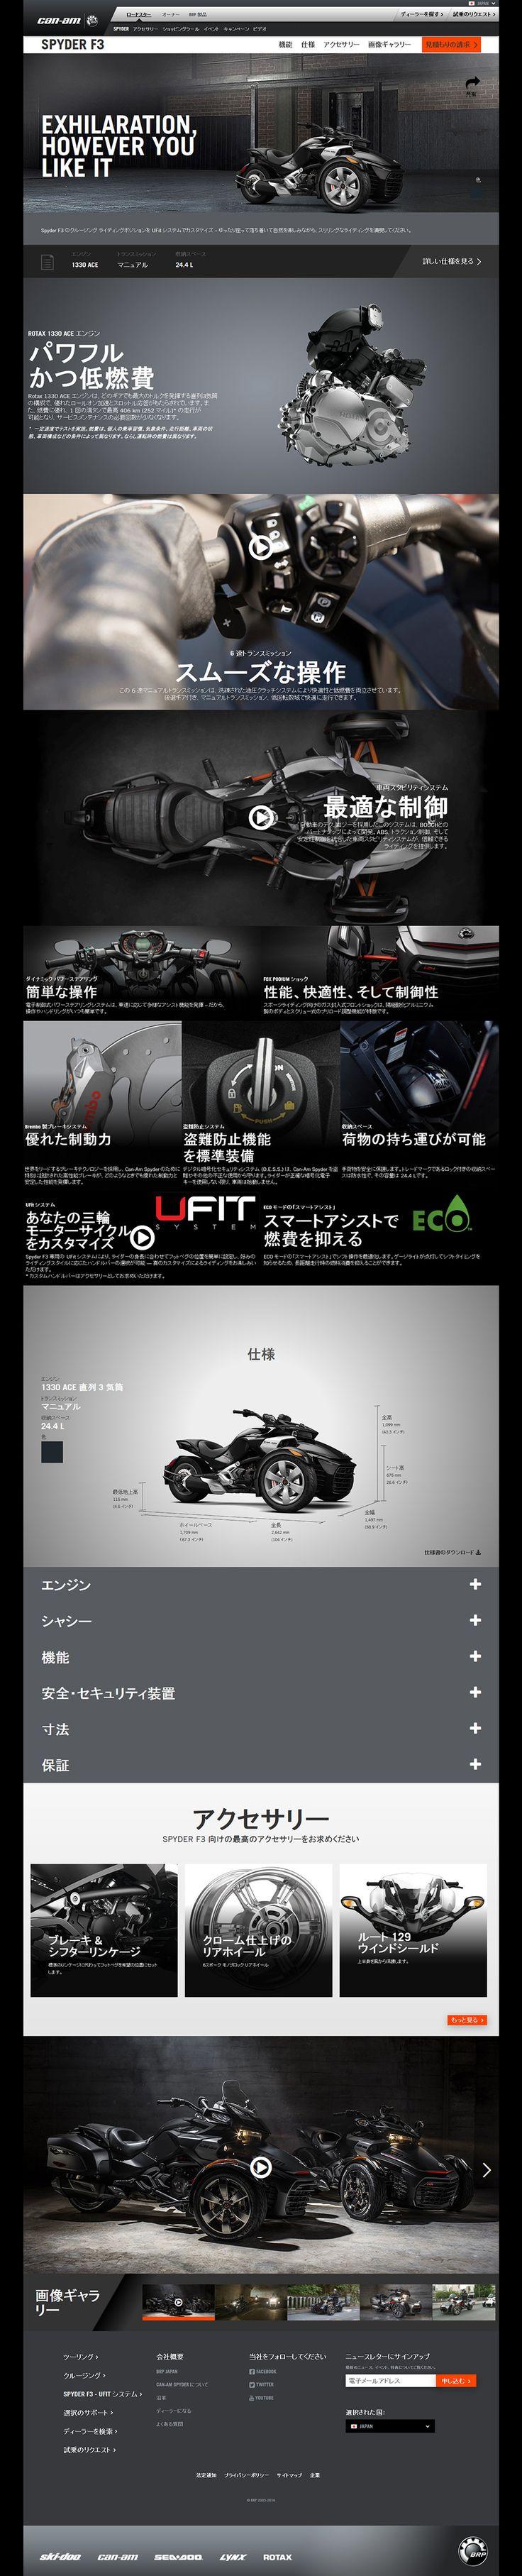 SPYDER F3【車・バイク関連】のLPデザイン。WEBデザイナーさん必見!ランディングページのデザイン参考に(かっこいい系)